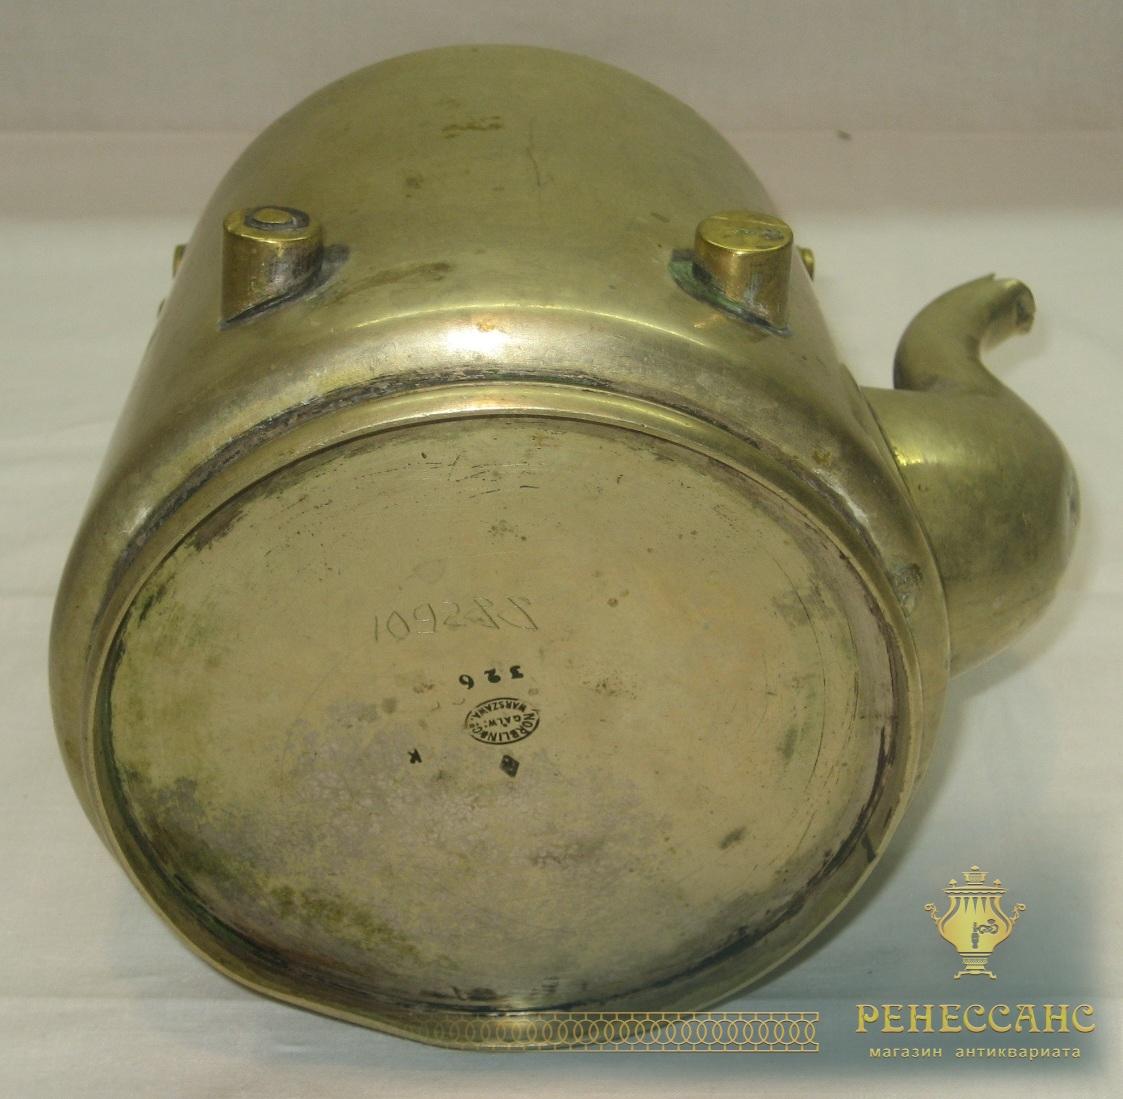 Чайник старинный, бульотка, «Norblin» Варшава 19 век №2457